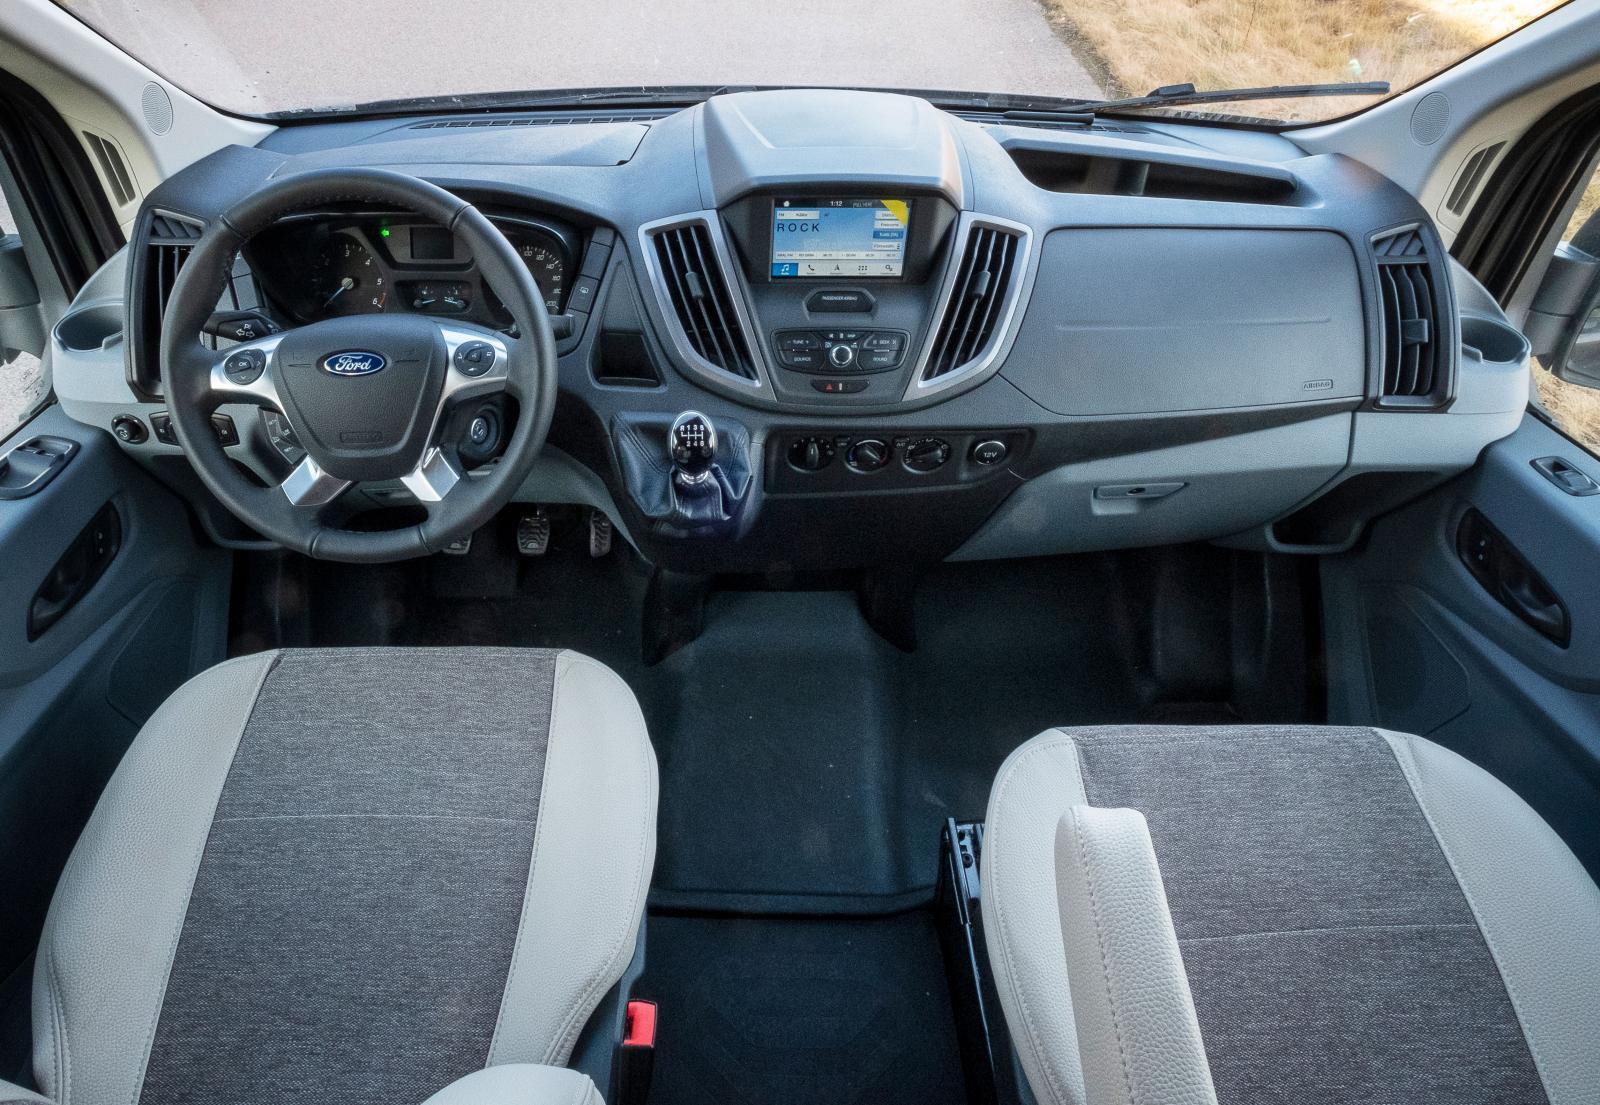 Enkel och lättmanövrerad och inte så mycket high tech. Testbilen är -19 modell. Till 2020 byts det hela till mer digitalism.